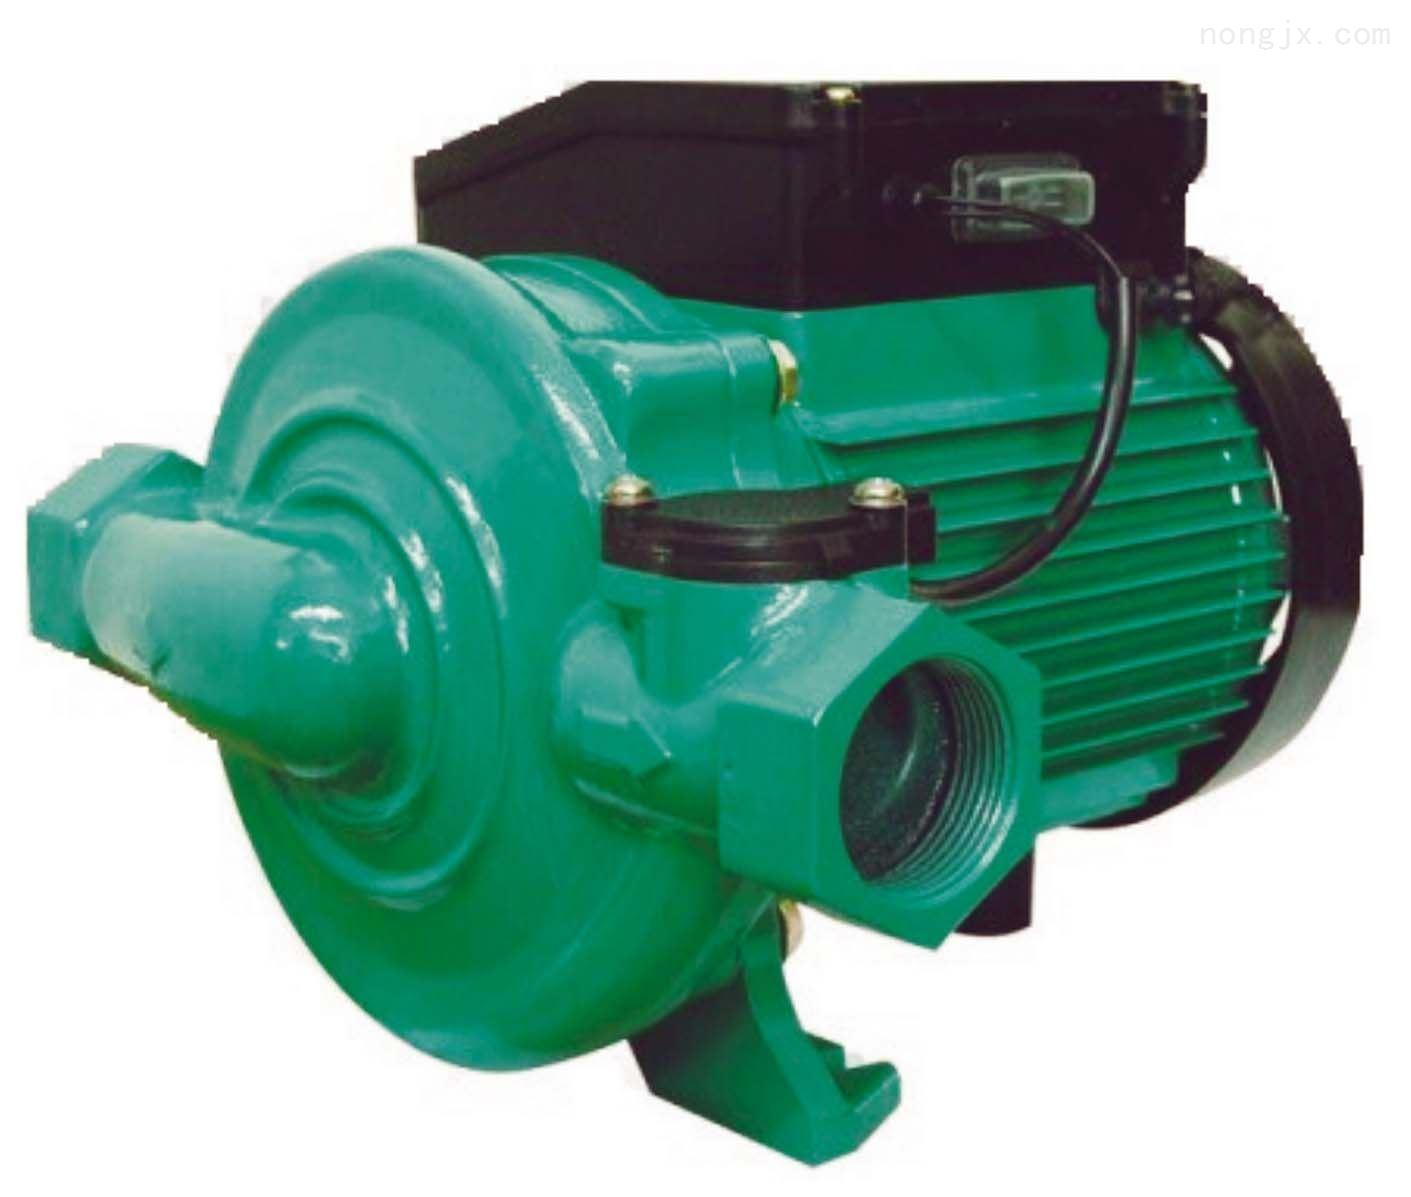 桶装水压水器/手压式饮水器/抽水器/手压泵/抽水泵0.23